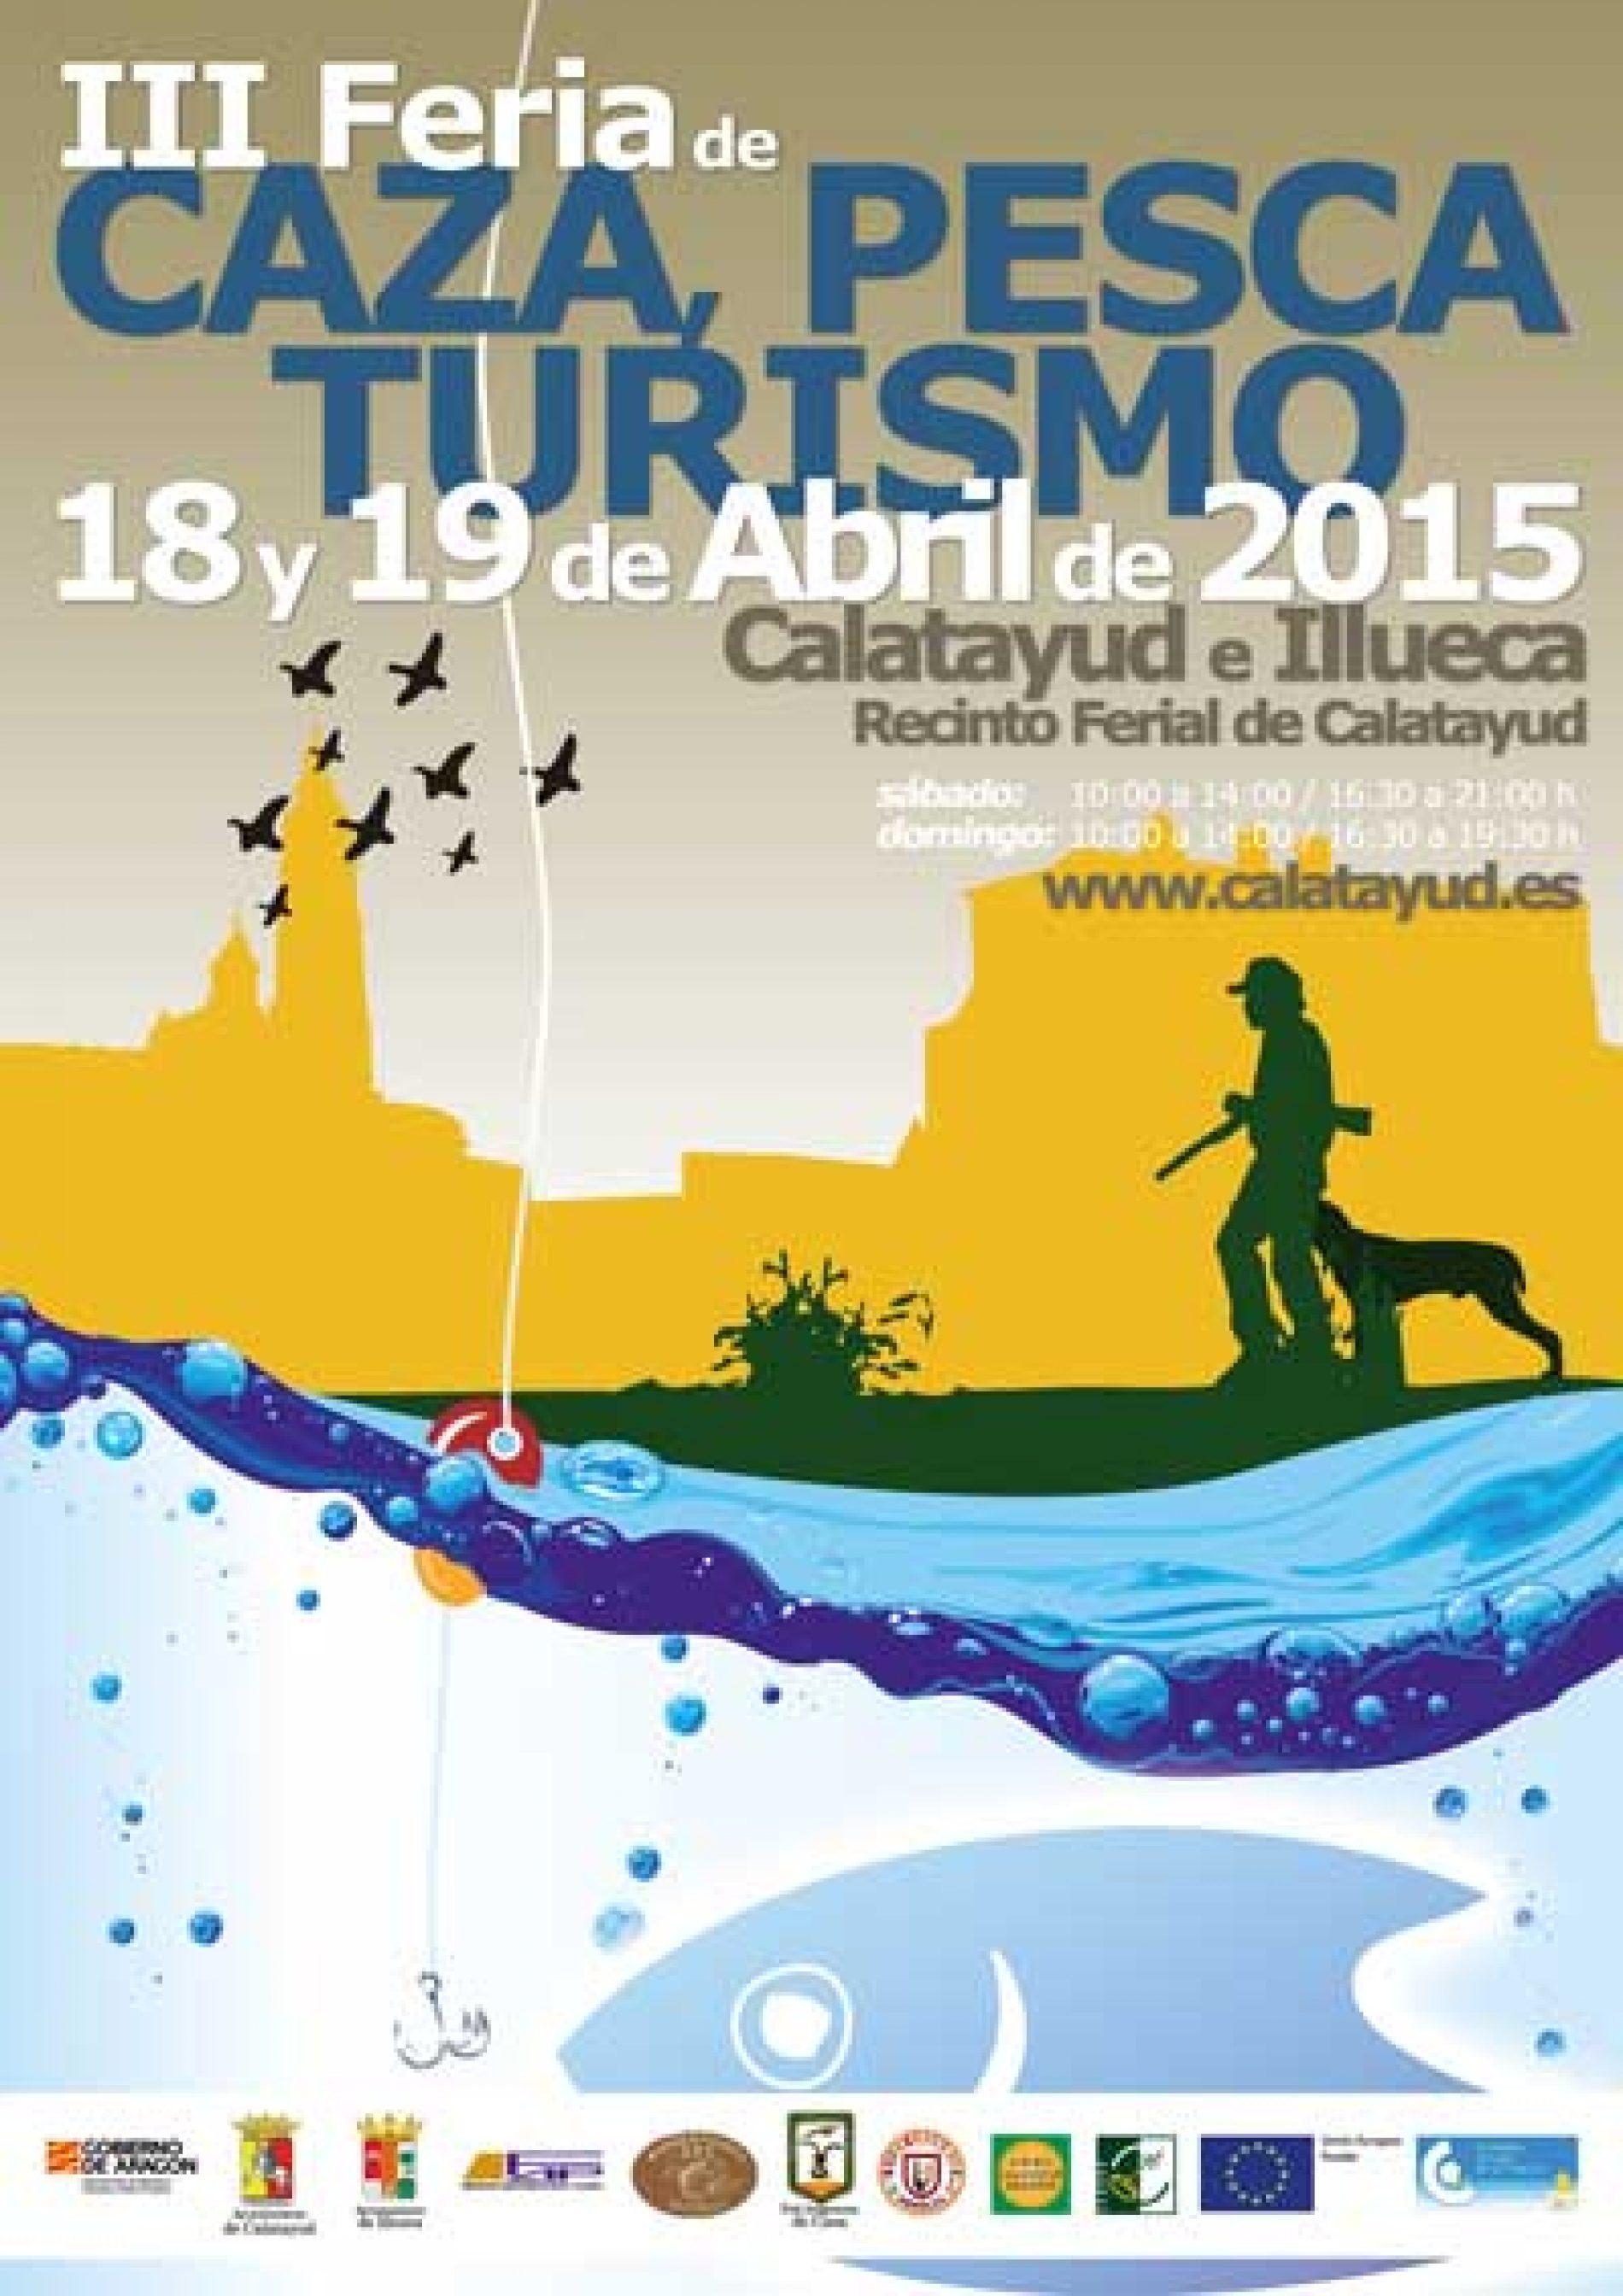 Calatayud acoge la Feria de Caza, Pesca y Turismo el 18 y 19 de abril